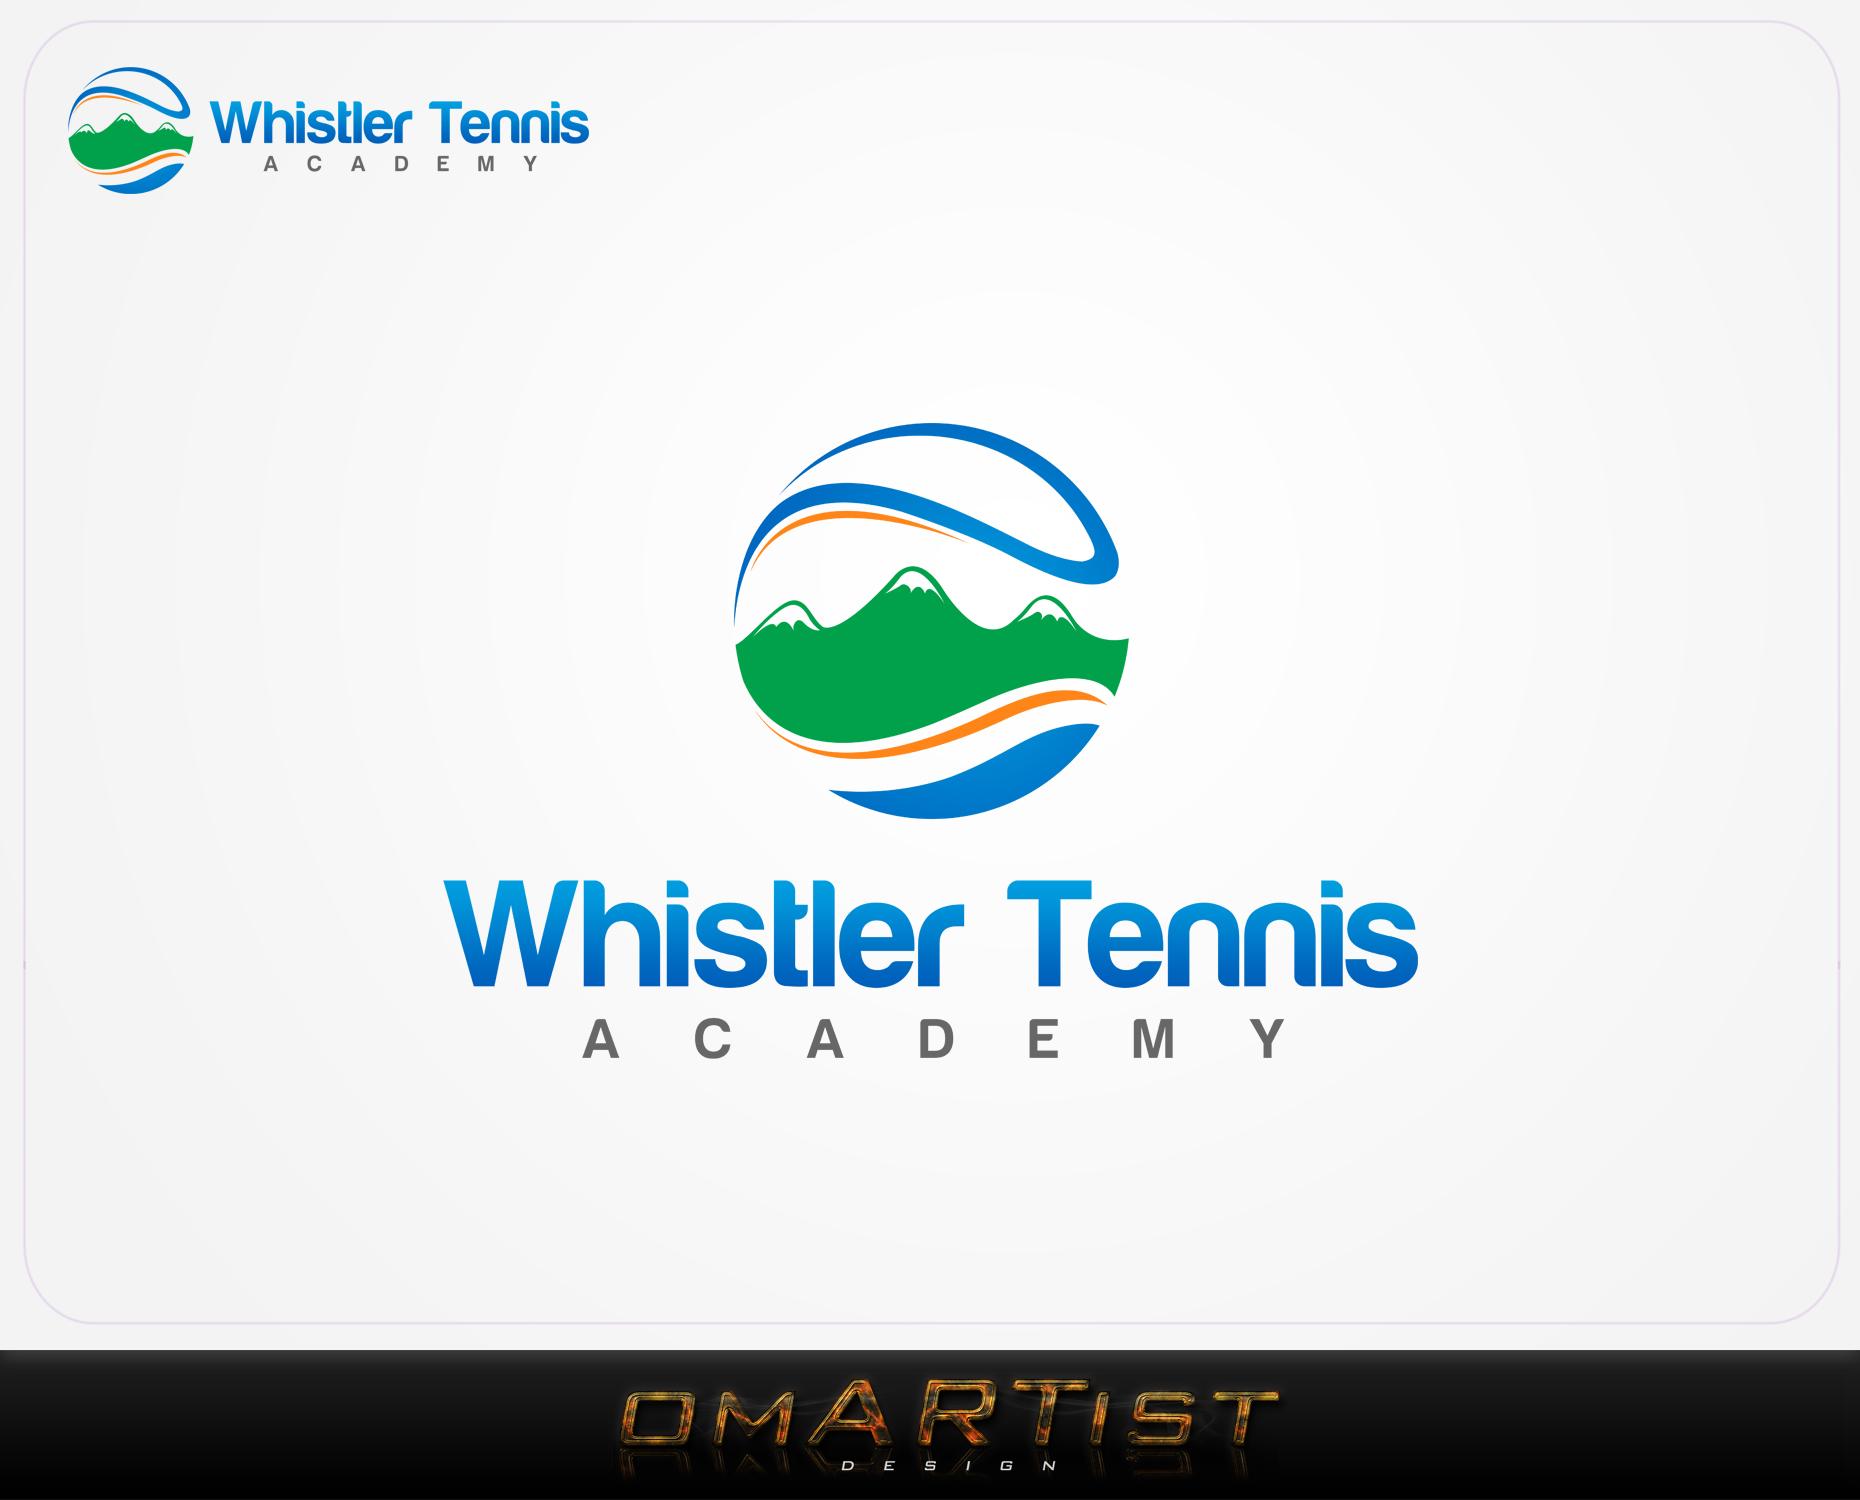 Logo Design by omARTist - Entry No. 289 in the Logo Design Contest Imaginative Logo Design for Whistler Tennis Academy.